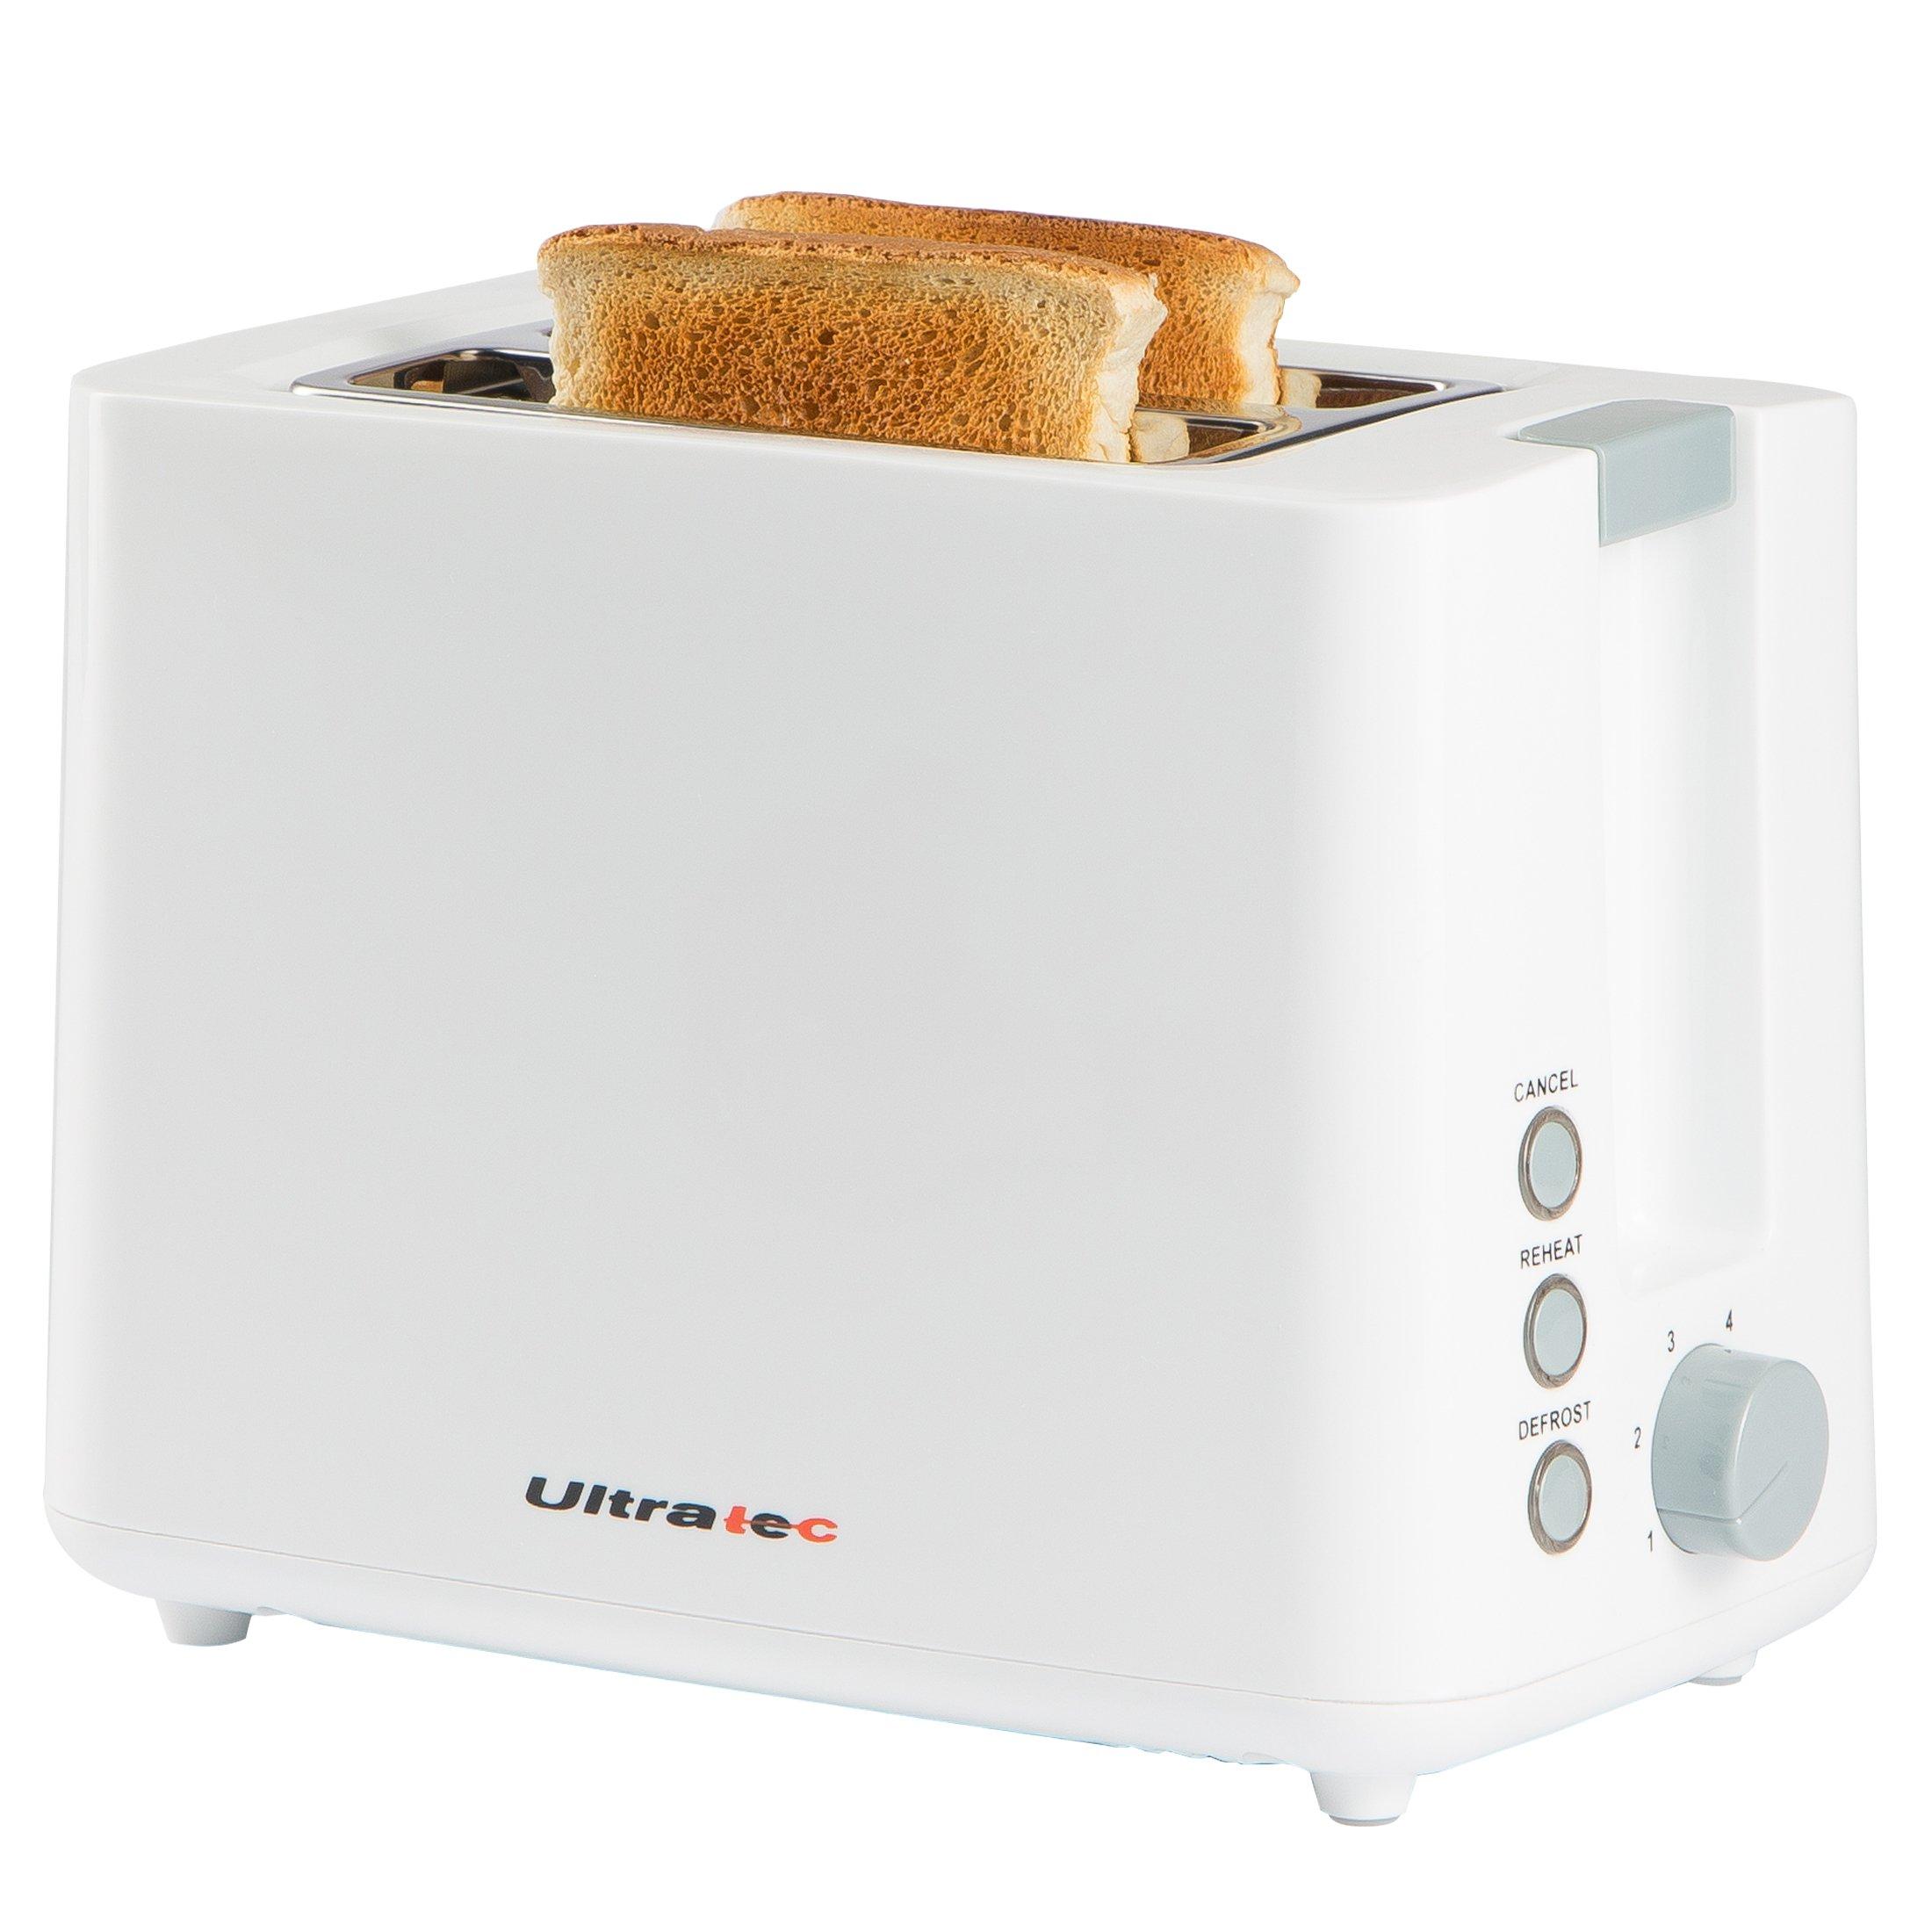 Ultratec Grille-pain à deux compartiments, blanc - 22,5 x 18 x 13,8 cm product image